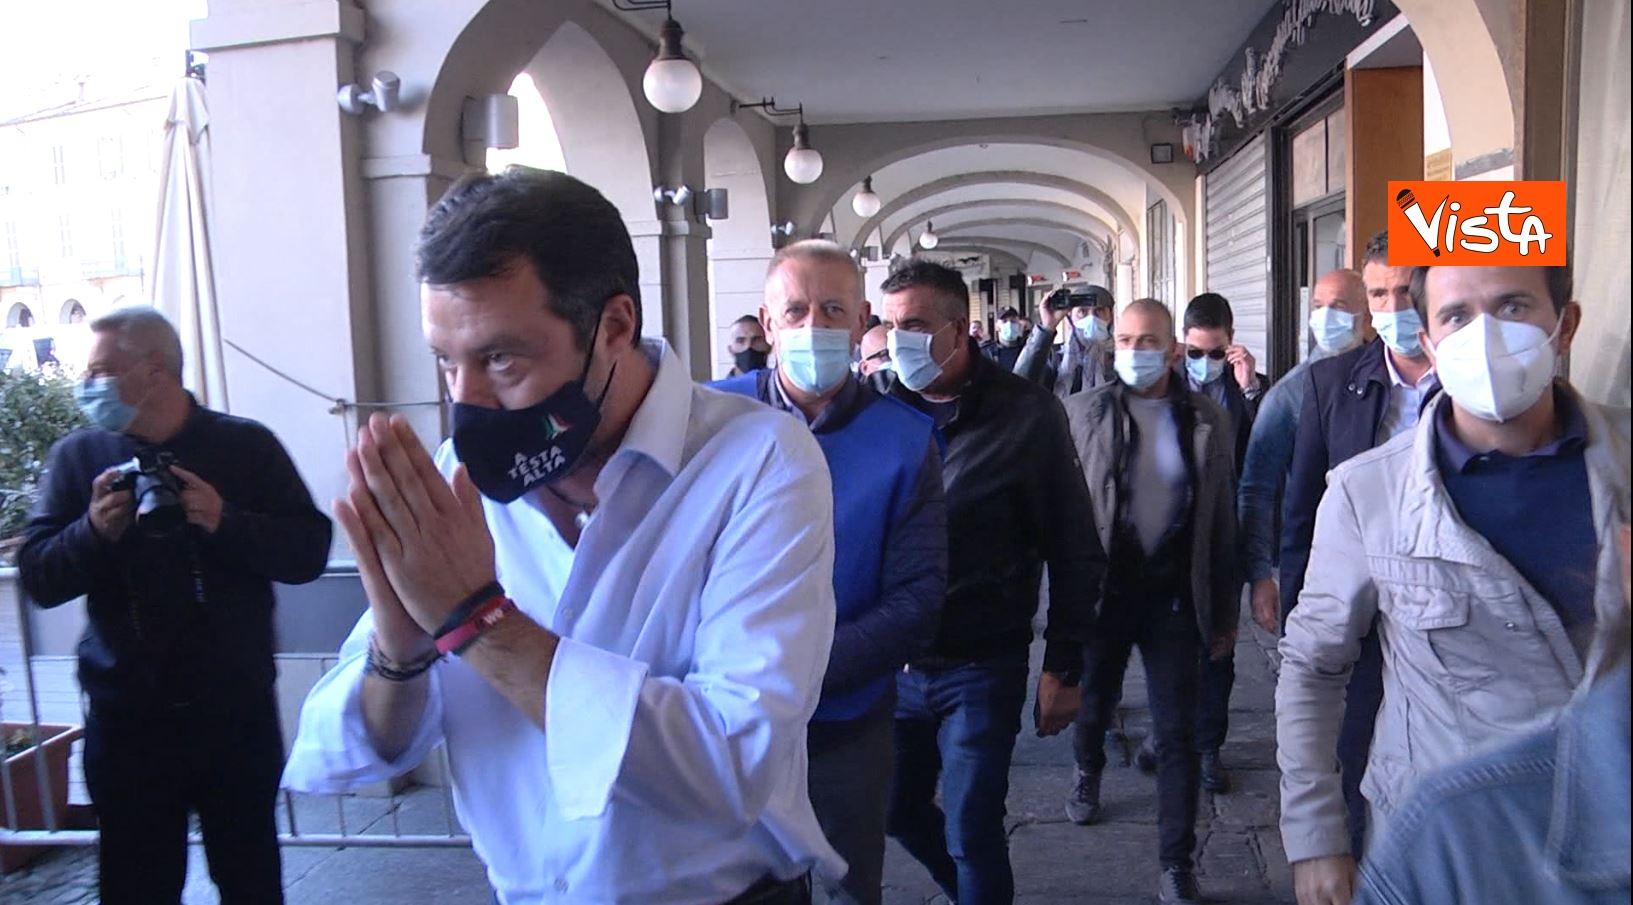 27_09_20 Salvini a Voghera Pavia per il comizio elettorale le immagini _08